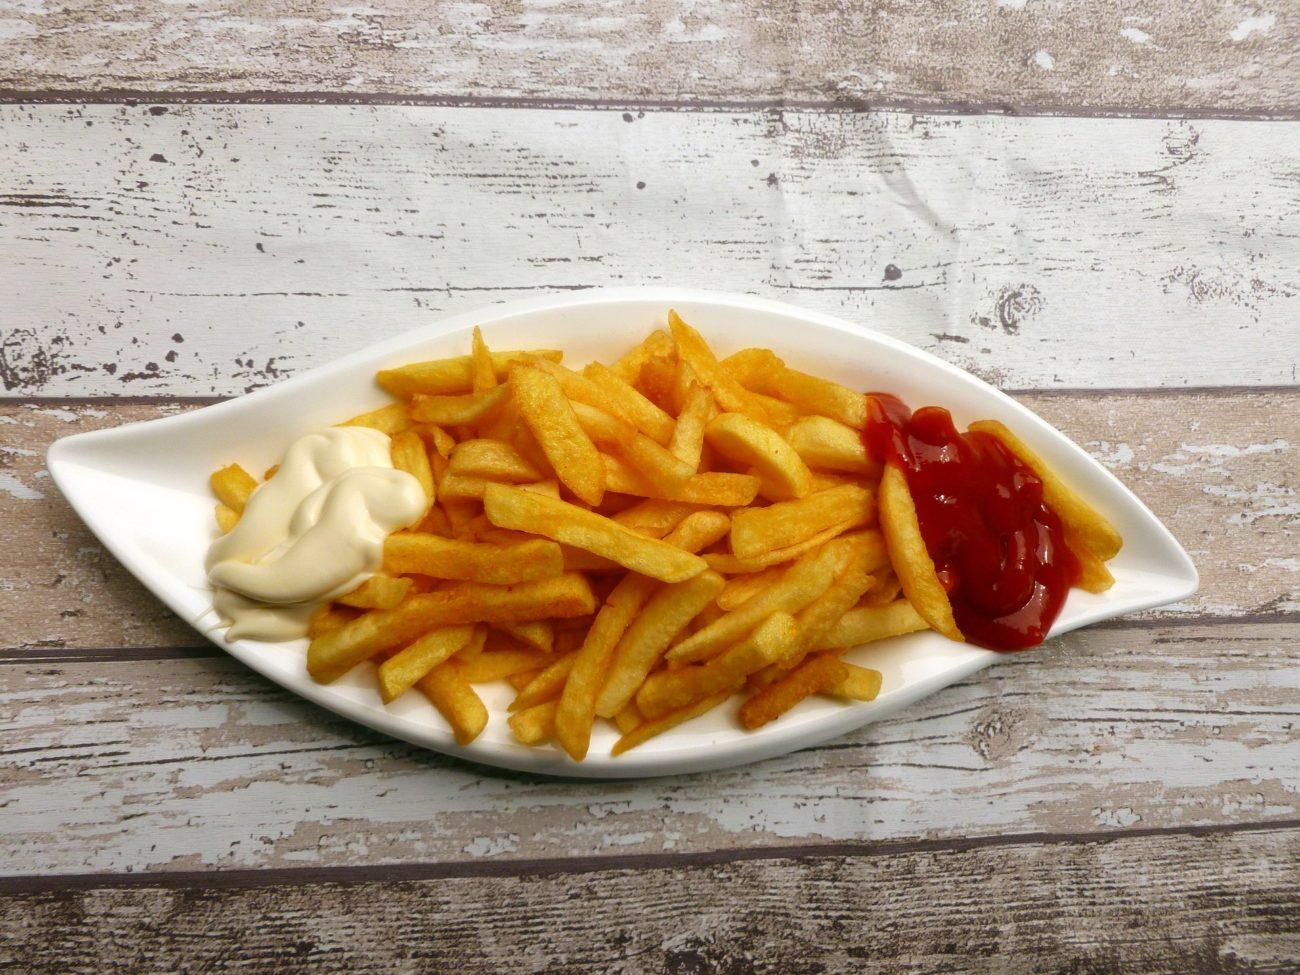 Come fare delle perfette patatine fritte in casa, come al McDonalds cenaunavolta